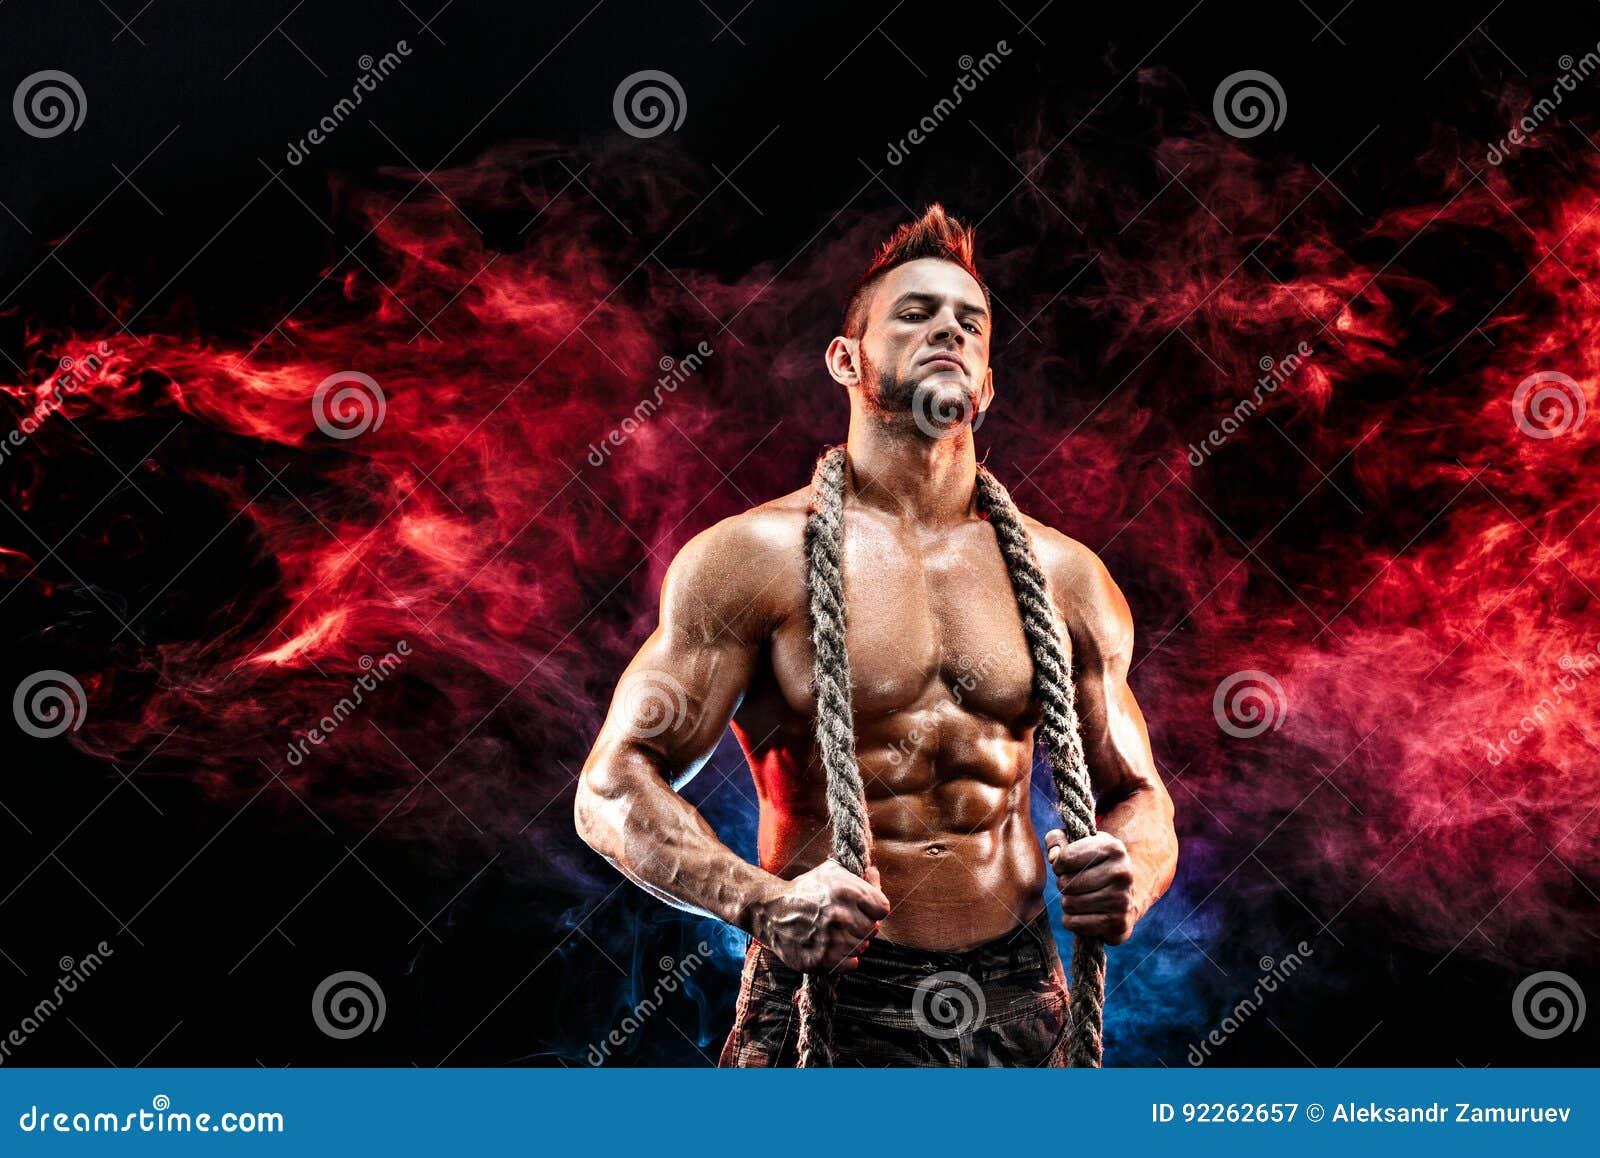 Sterke atletische mens met naakt lichaam in militaire broek en kabel op halszwarte